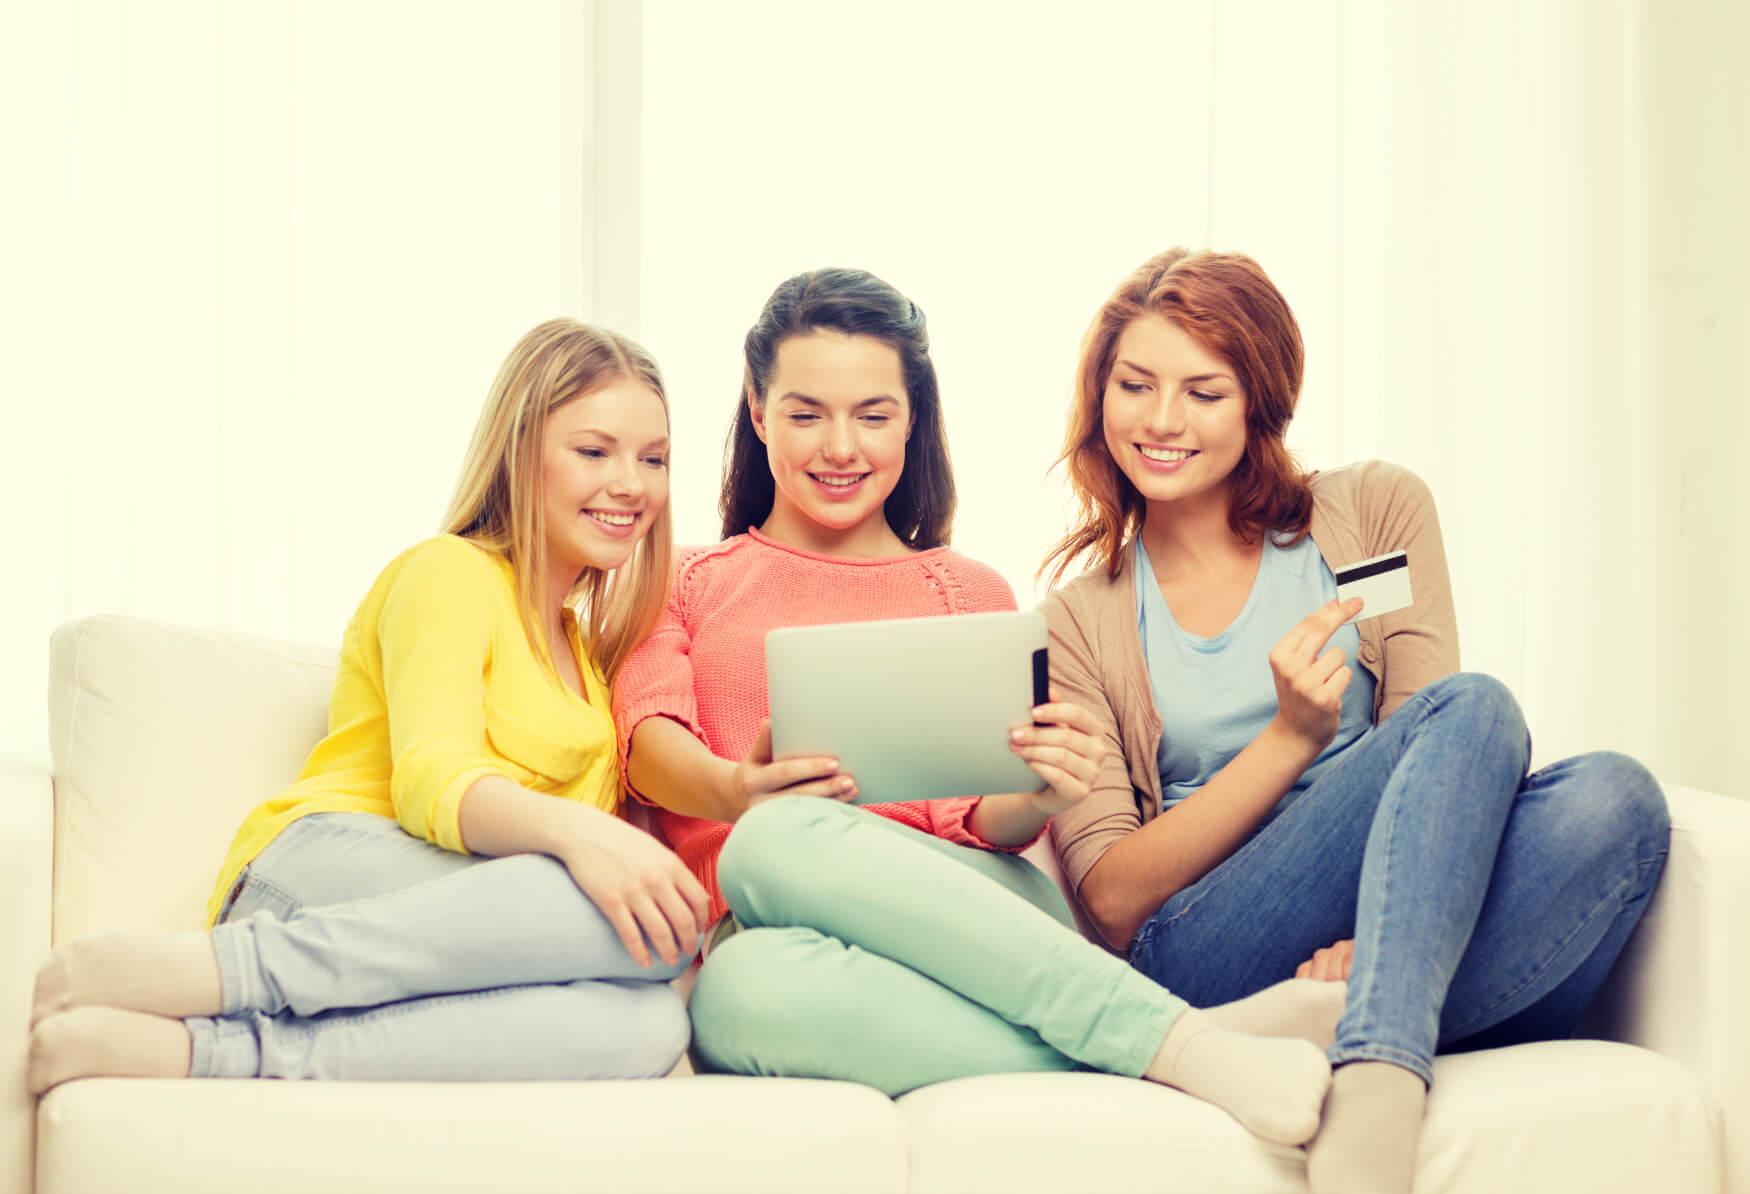 Frauen-beim-Einkaufen-auf-der-Couch